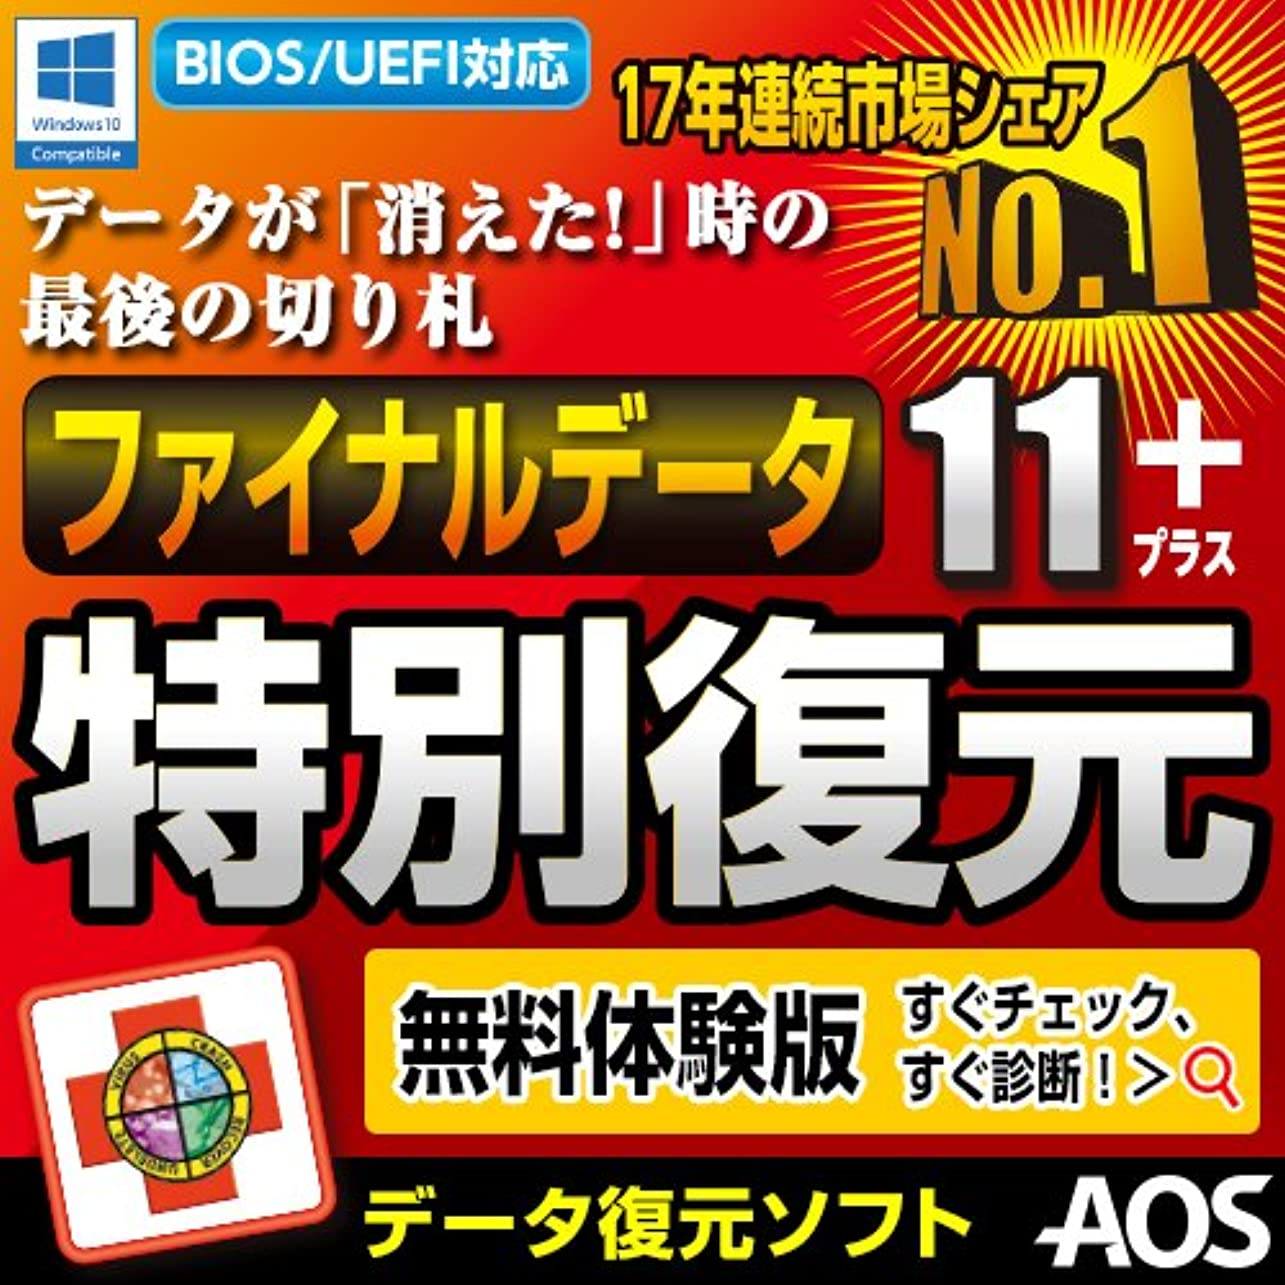 スピリチュアル爆弾武装解除【体験版】ファイナルデータ11plus 特別復元版 ダウンロード版|ダウンロード版